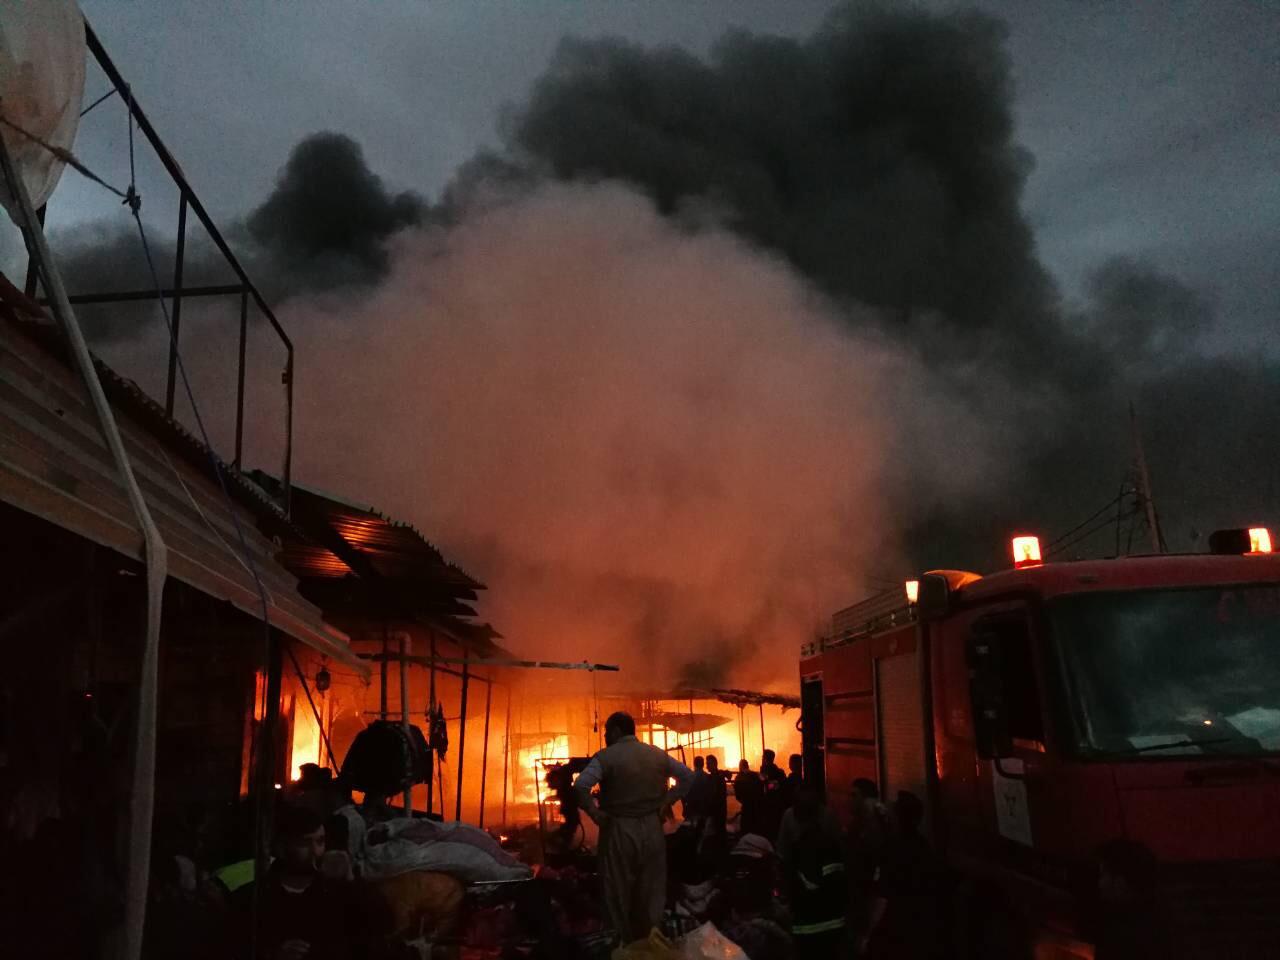 إخماد حريق نشب داخل قيصرية كركوك التجارية تضم 365 محلا تجاريا